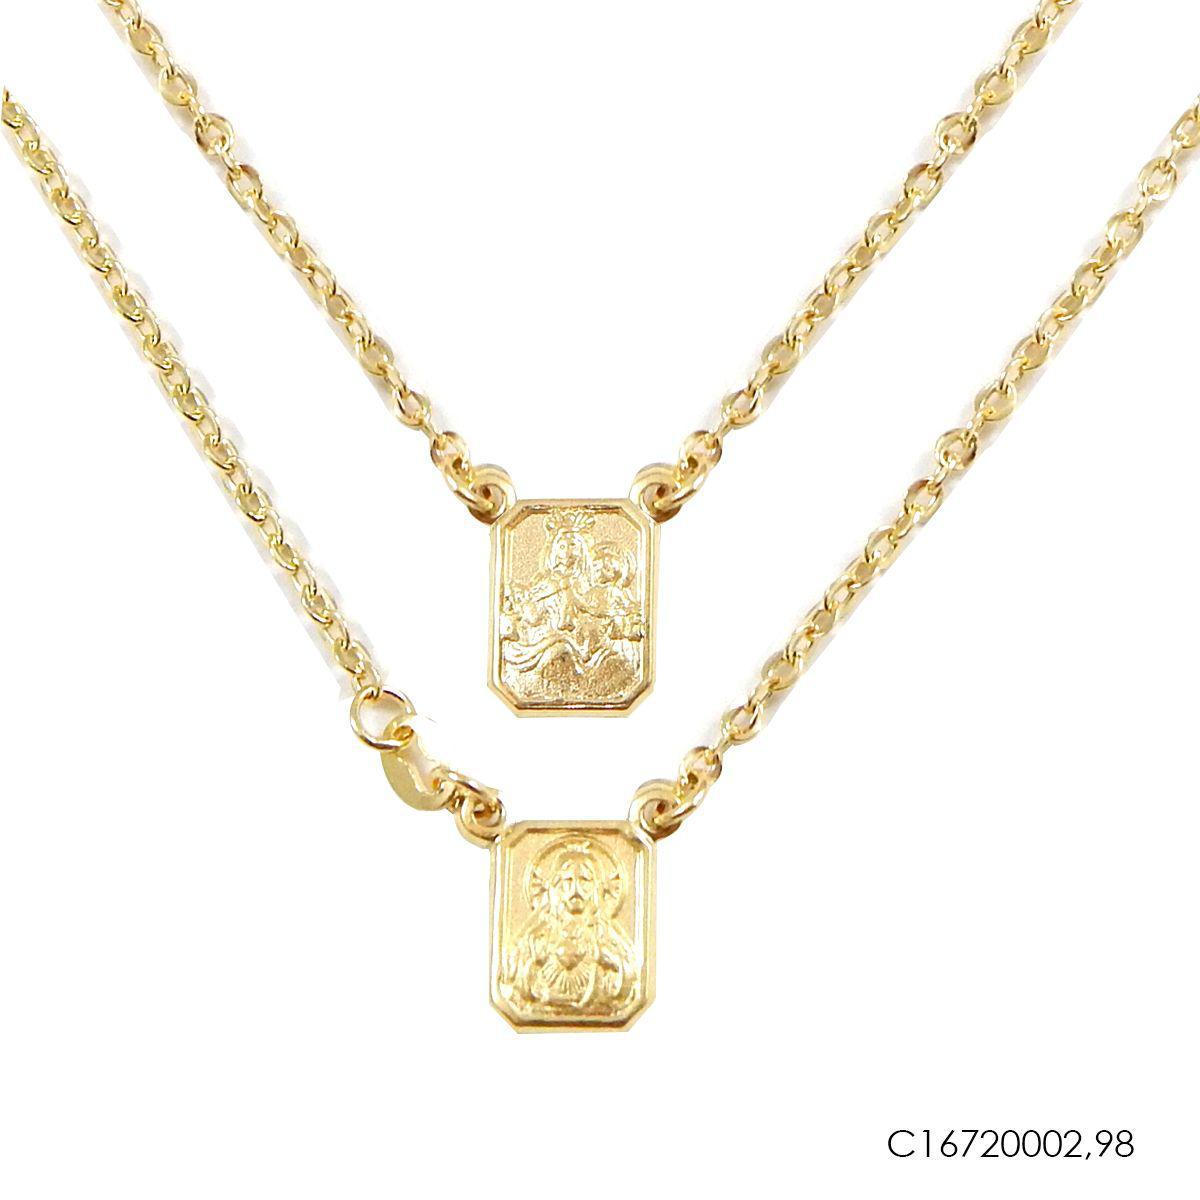 b0515919cd7 Escapulario Cartier Dourado Ouro 18k C16720002